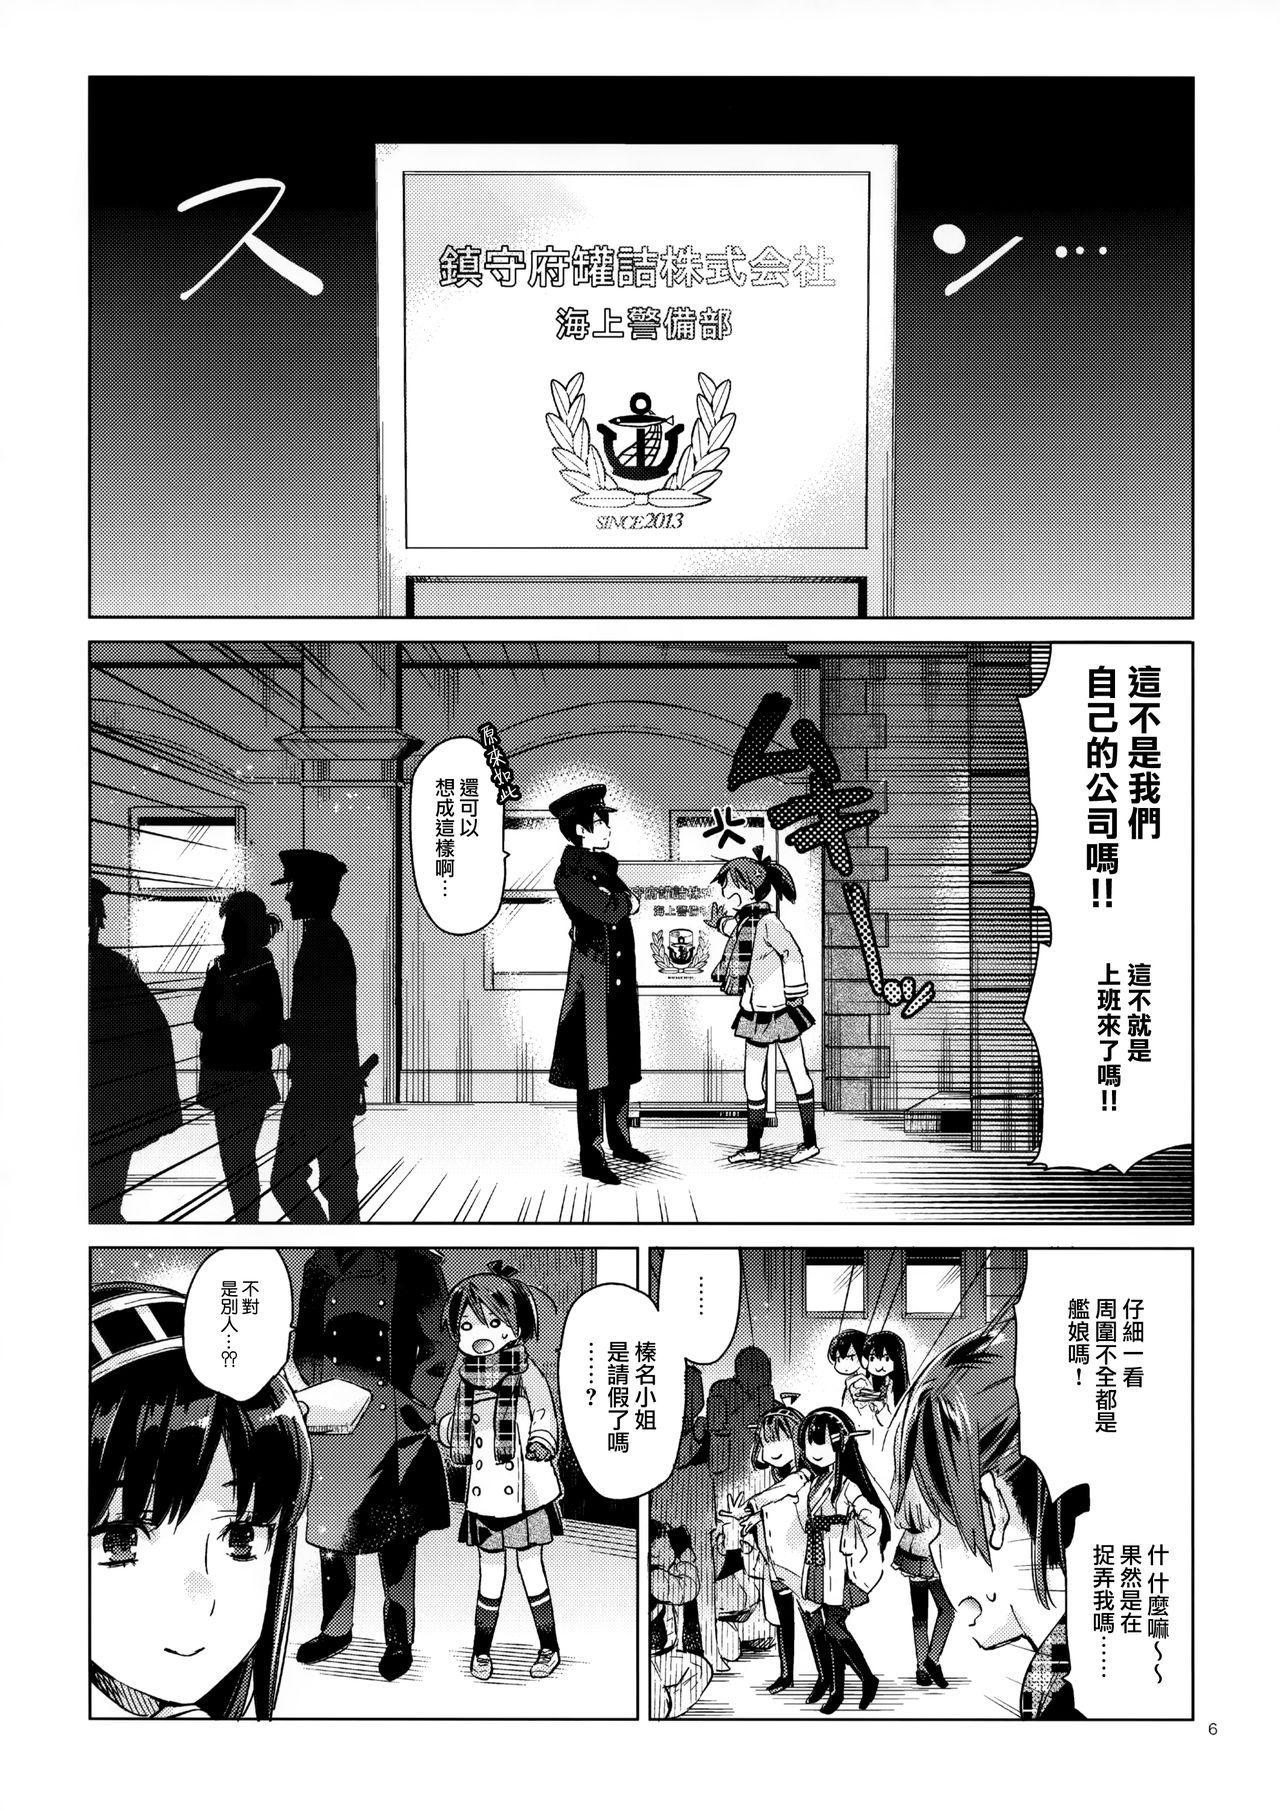 Shikinami to Ijiwaru Teitoku Otona-hen 5